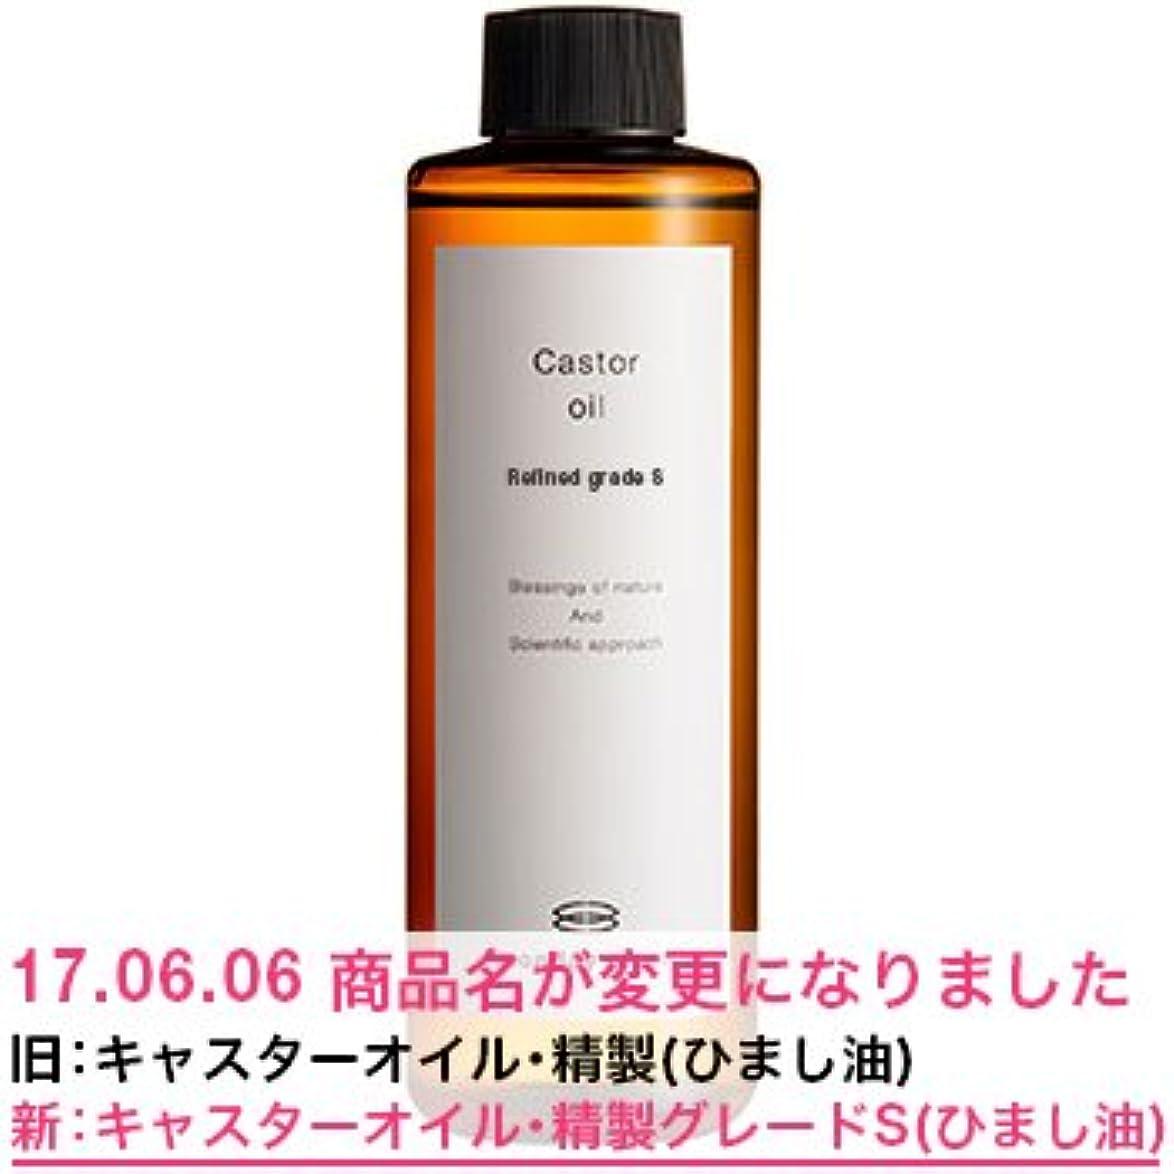 接続詞調子羽キャスターオイル?精製グレードS(ひまし油)/200ml